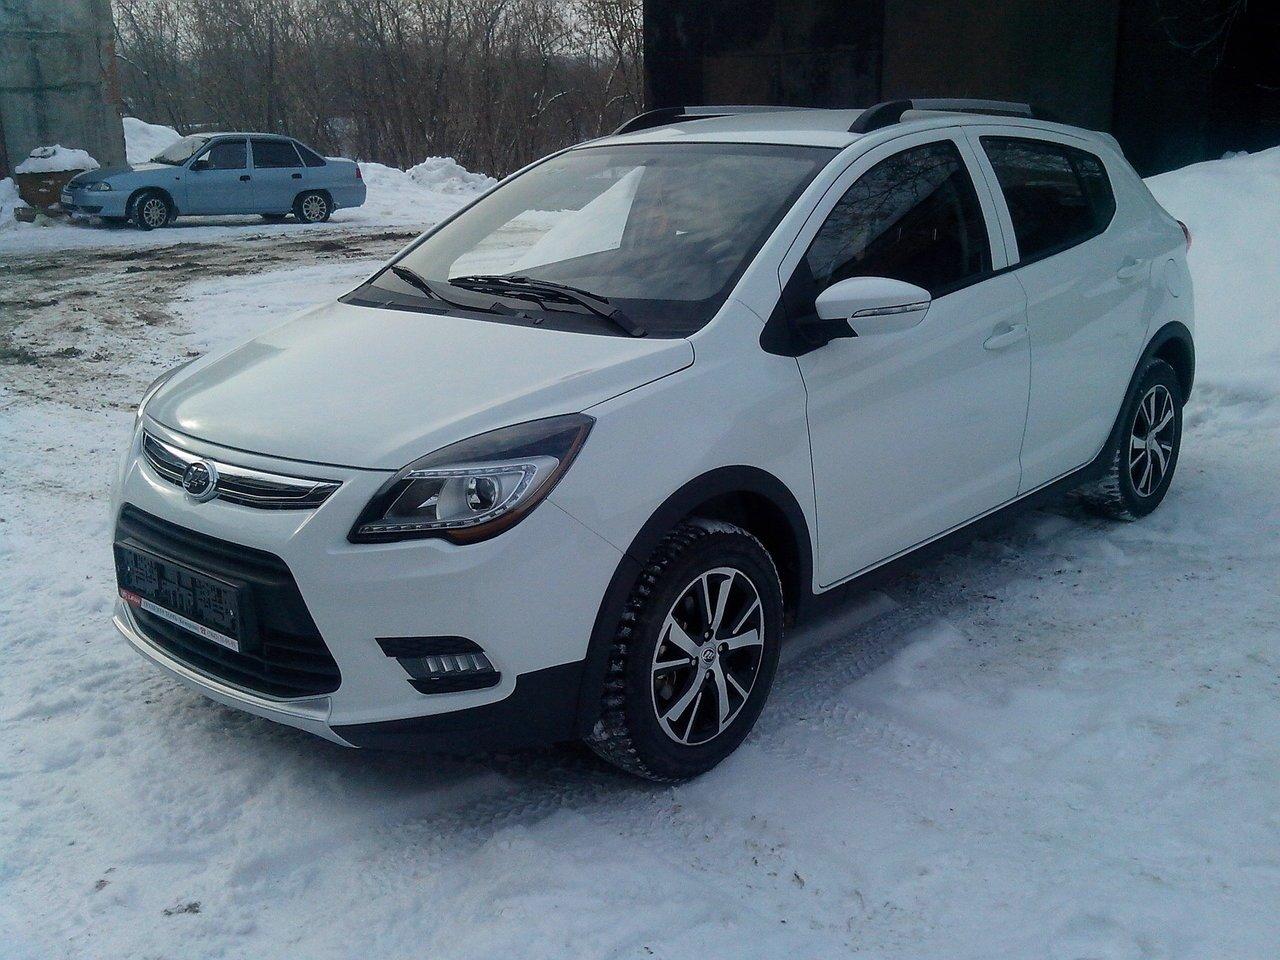 ВМоскве открылся сервис каршеринга Lifcar скитайскими автомобилями